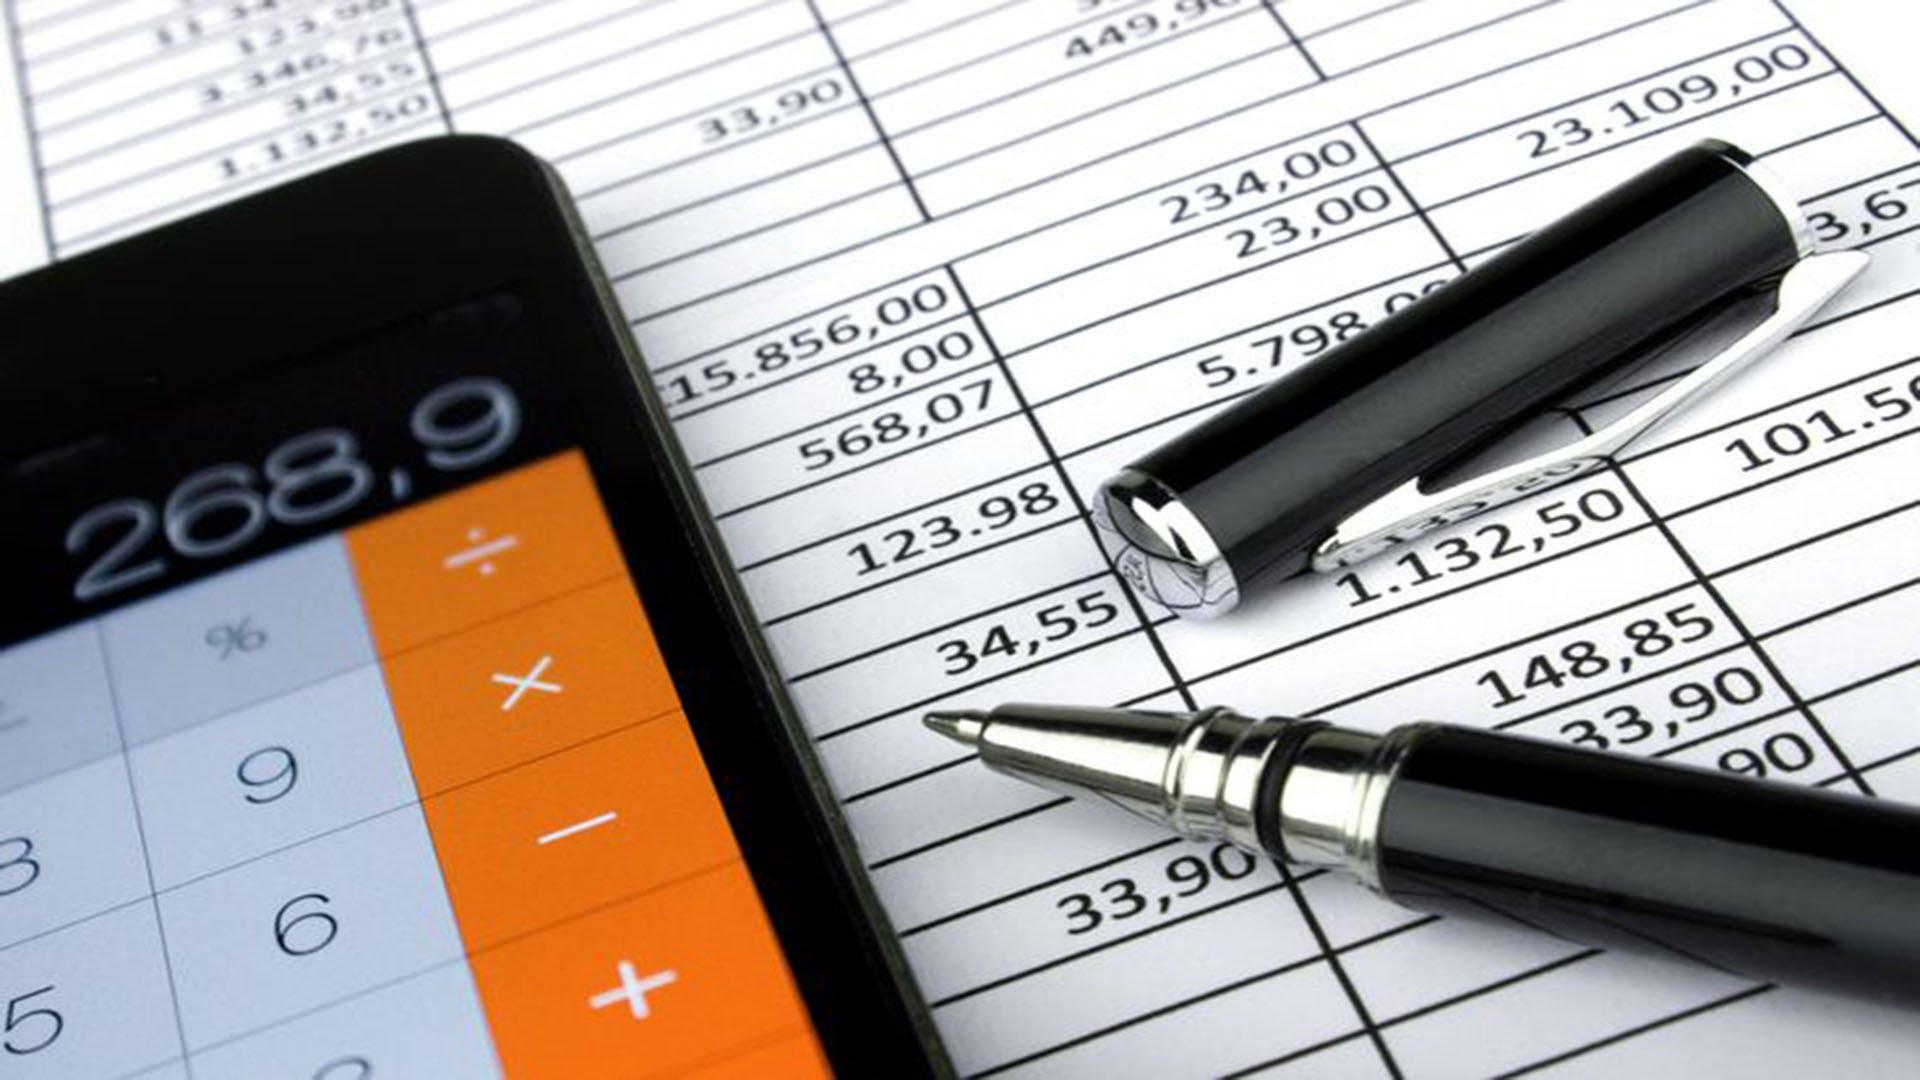 Diokno: enfoque en la reforma tributaria, límites de propiedad extranjera